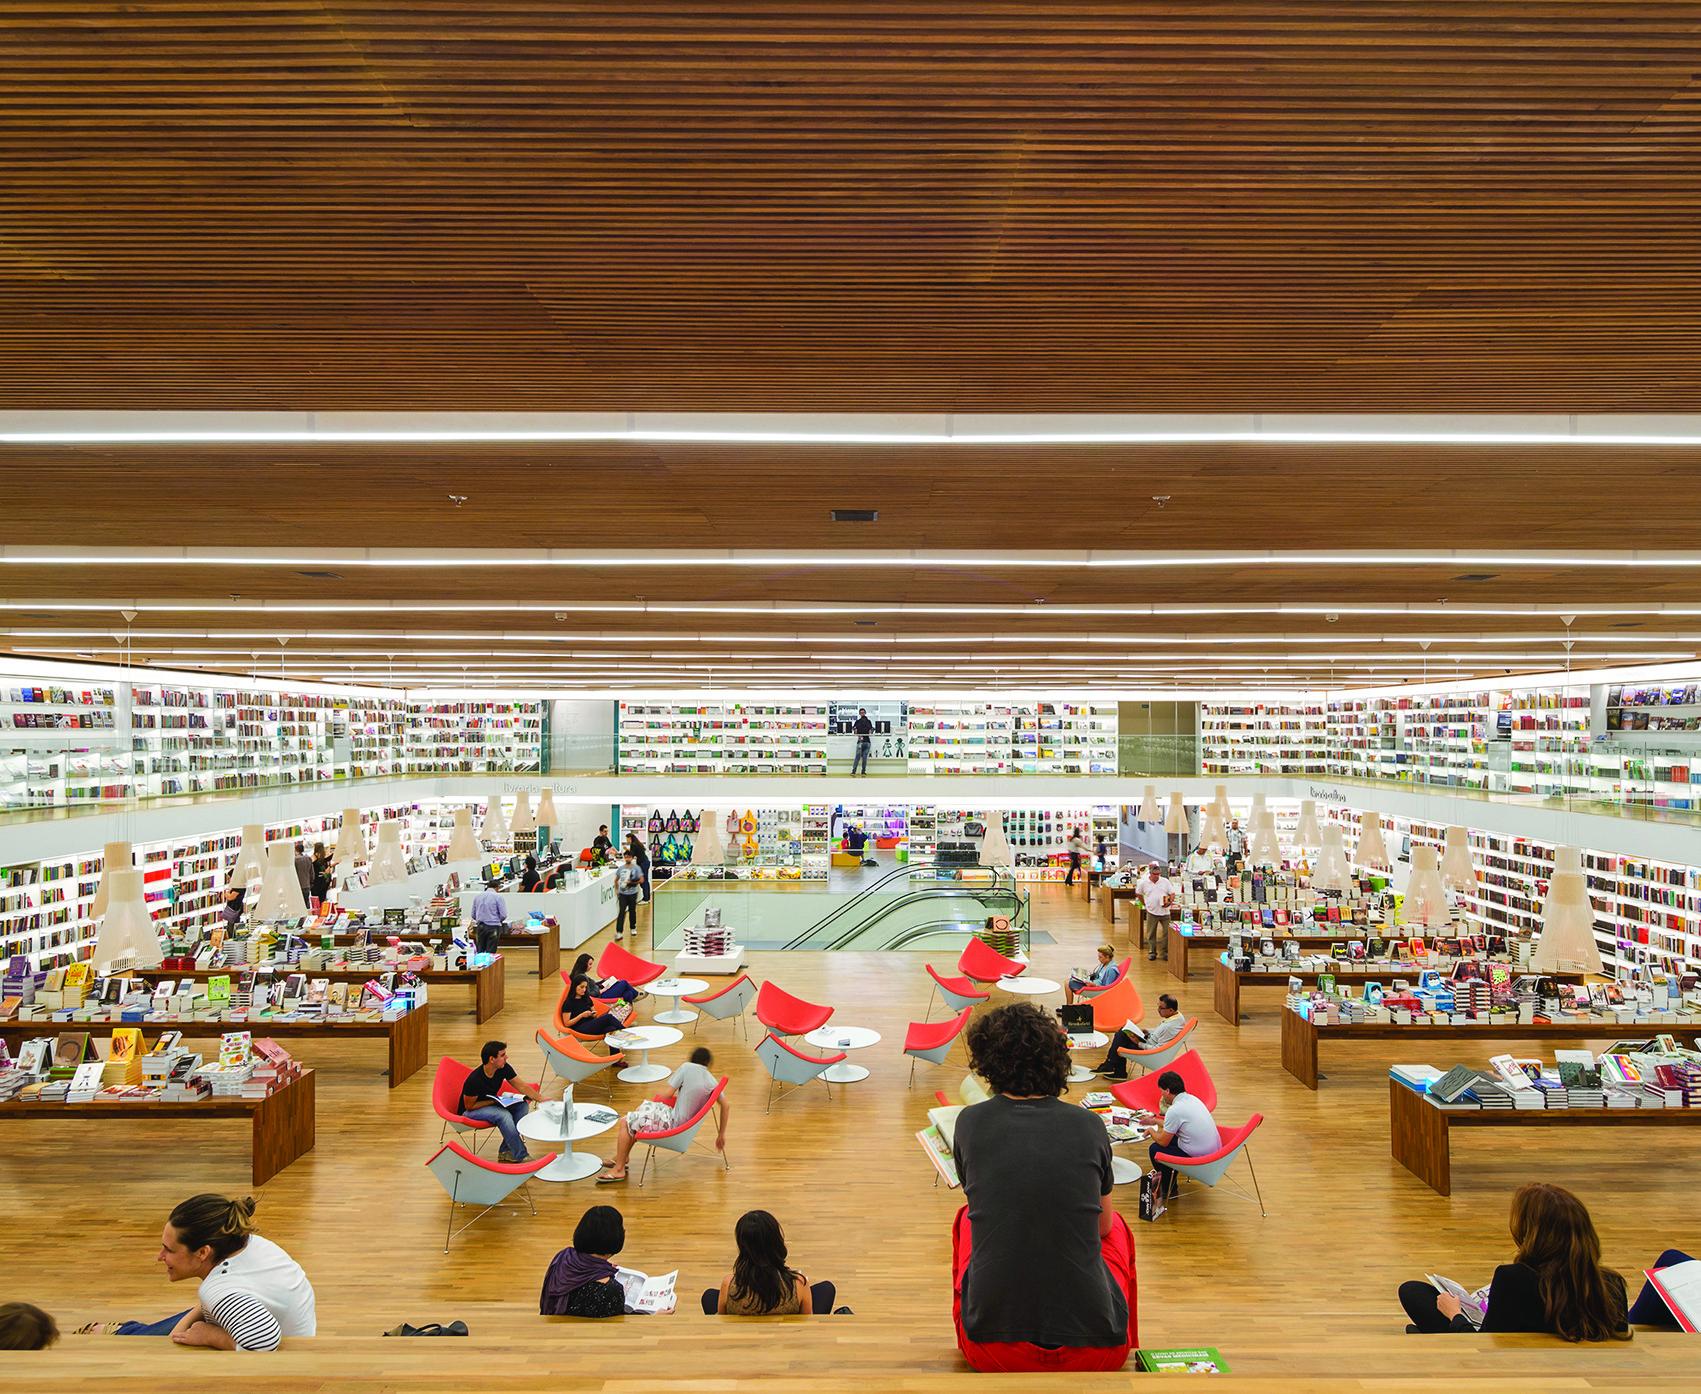 Los premios INSIDE nominan los Mejores Espacios Interiores de 2014 (1era parte), LO MEJOR  del retail: Librería Cultura; Sao Paulo, Brazil / studio mk27. Imágen cortesía de INSIDE